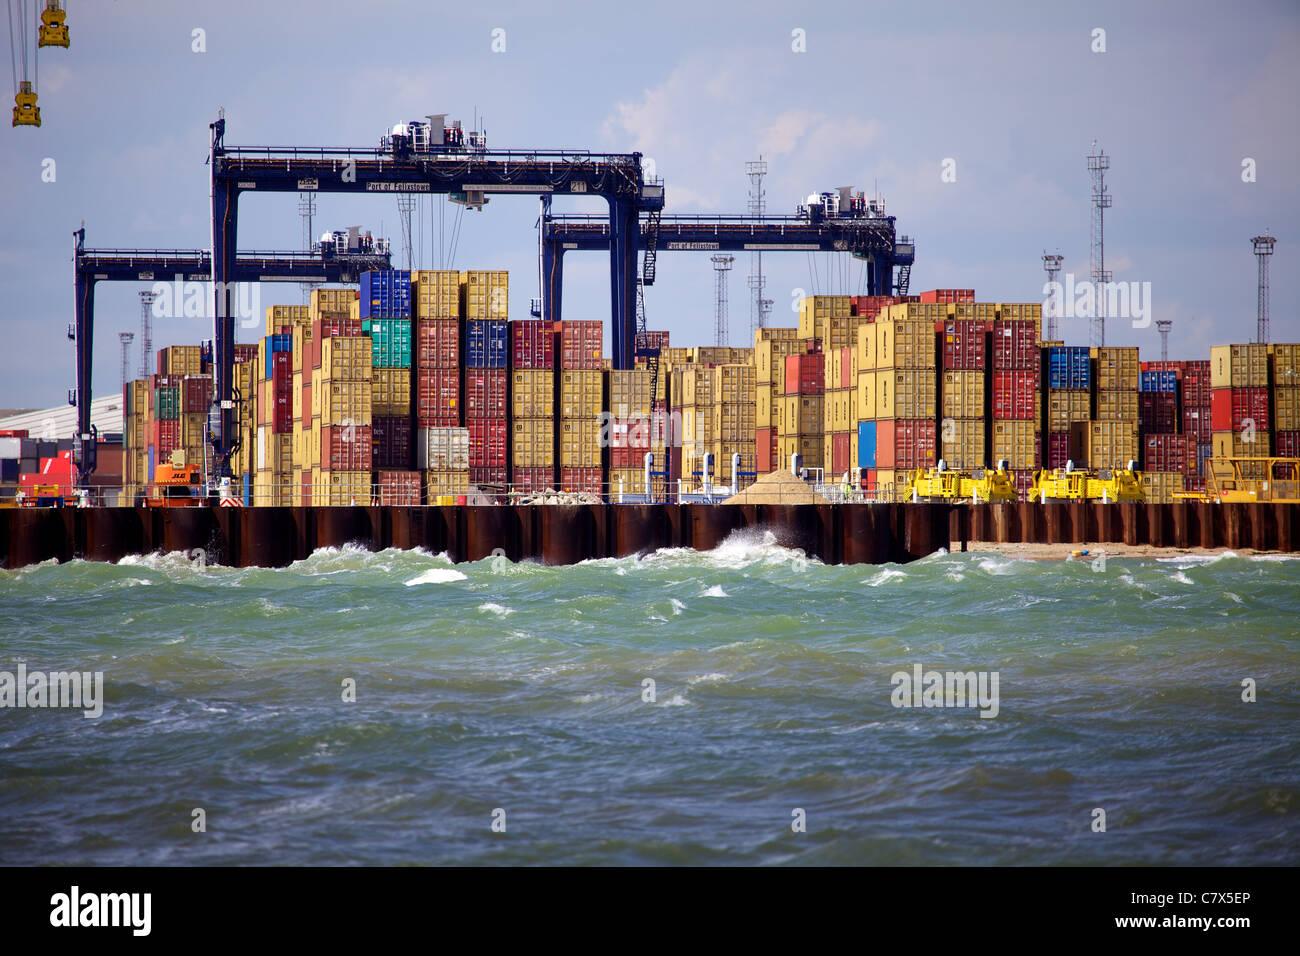 Global Britain International Trade - Porto di Felixstowe International Trade - i container si sono accatastati al porto di Felixstowe nel Regno Unito Foto Stock